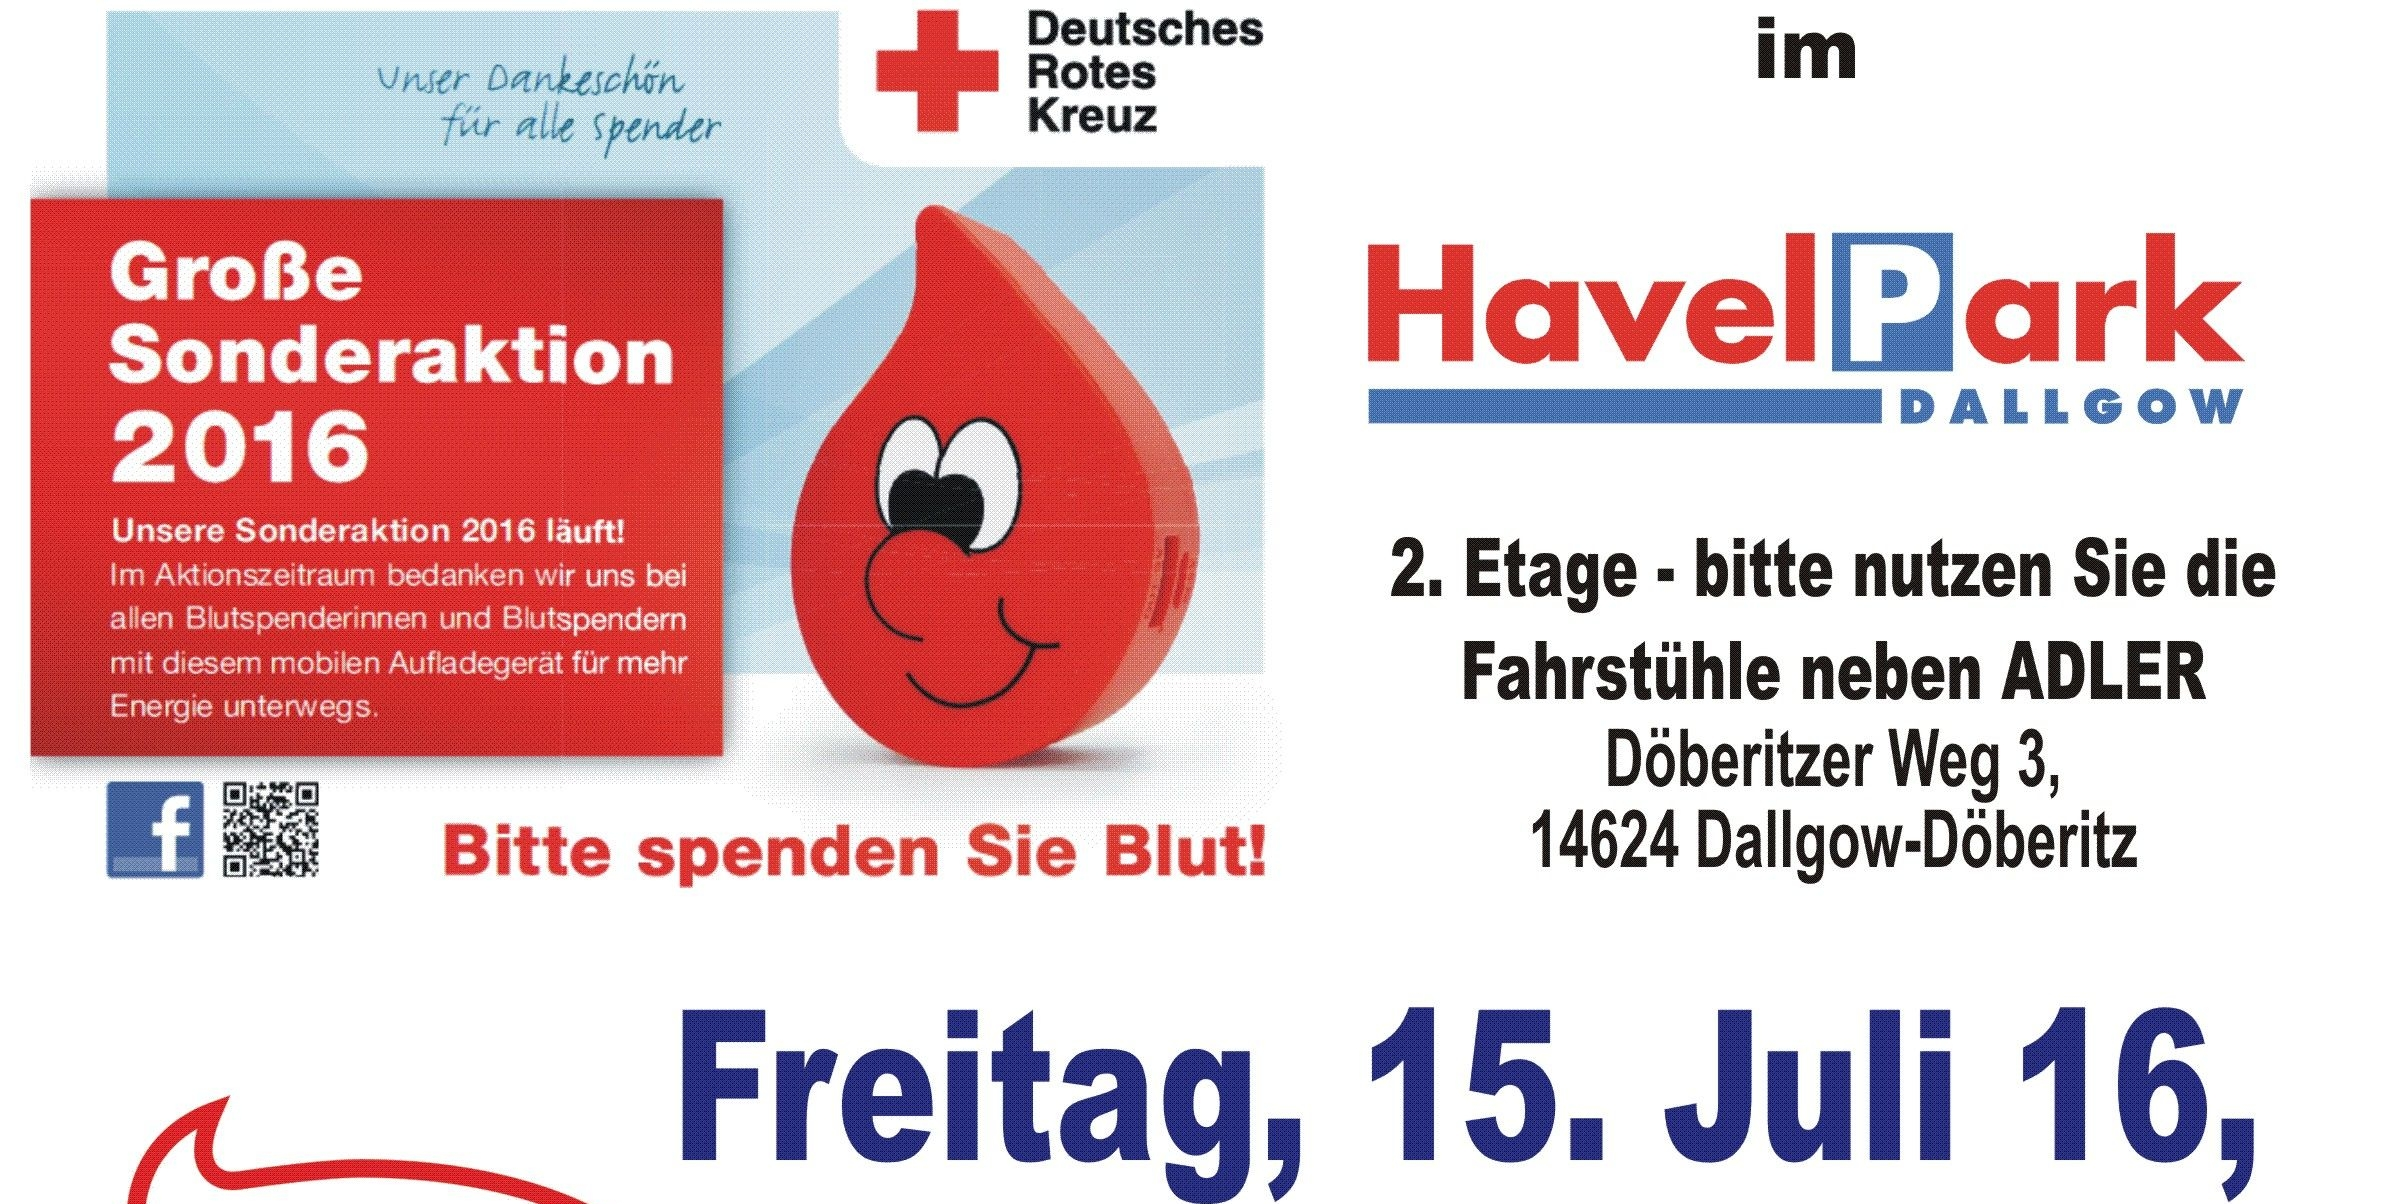 DRK - Blutspendeaktion am 15. Juli 2016